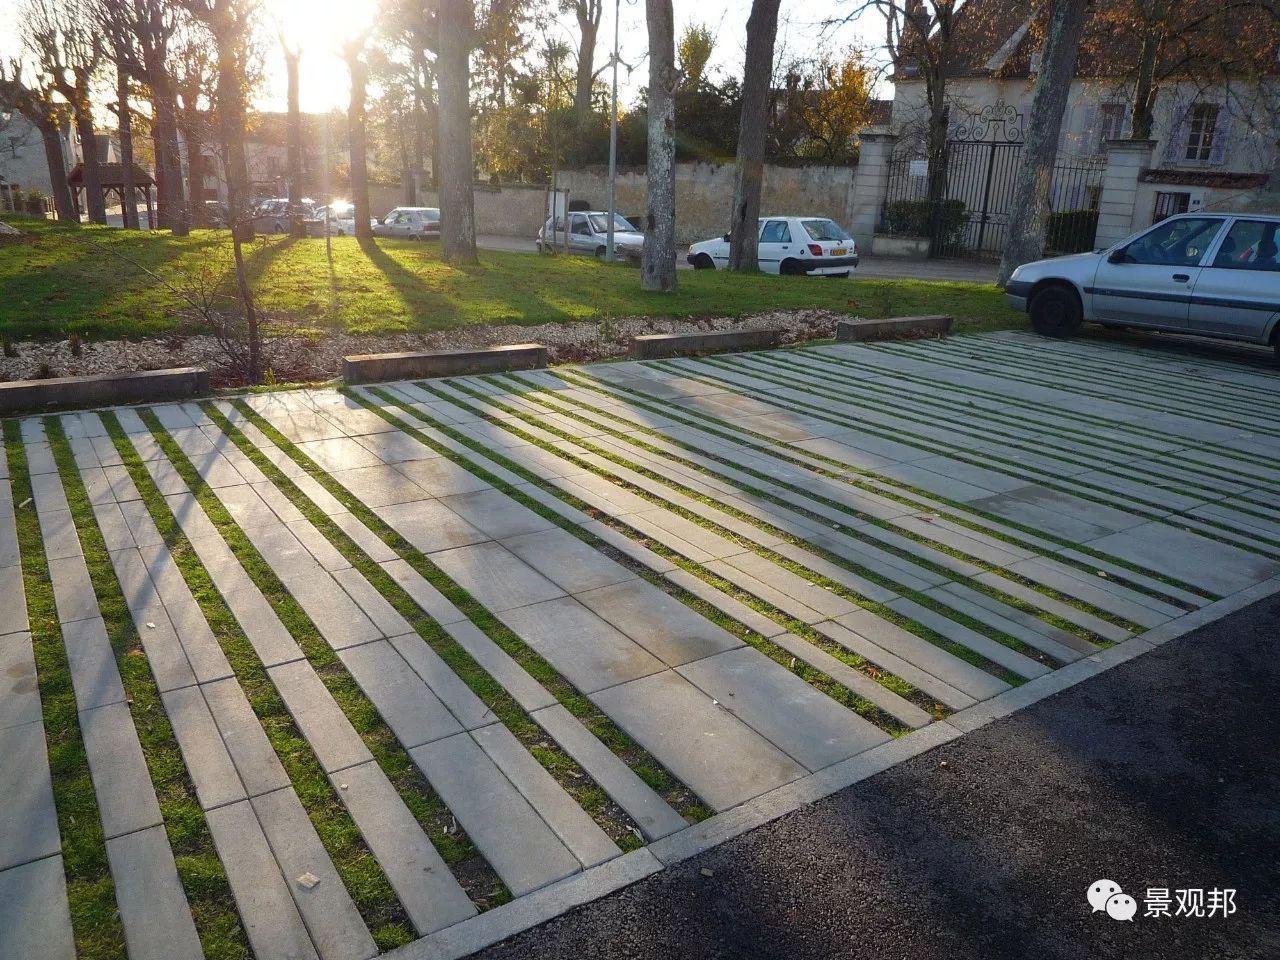 停车位还能这么设计,厉害啊!图片